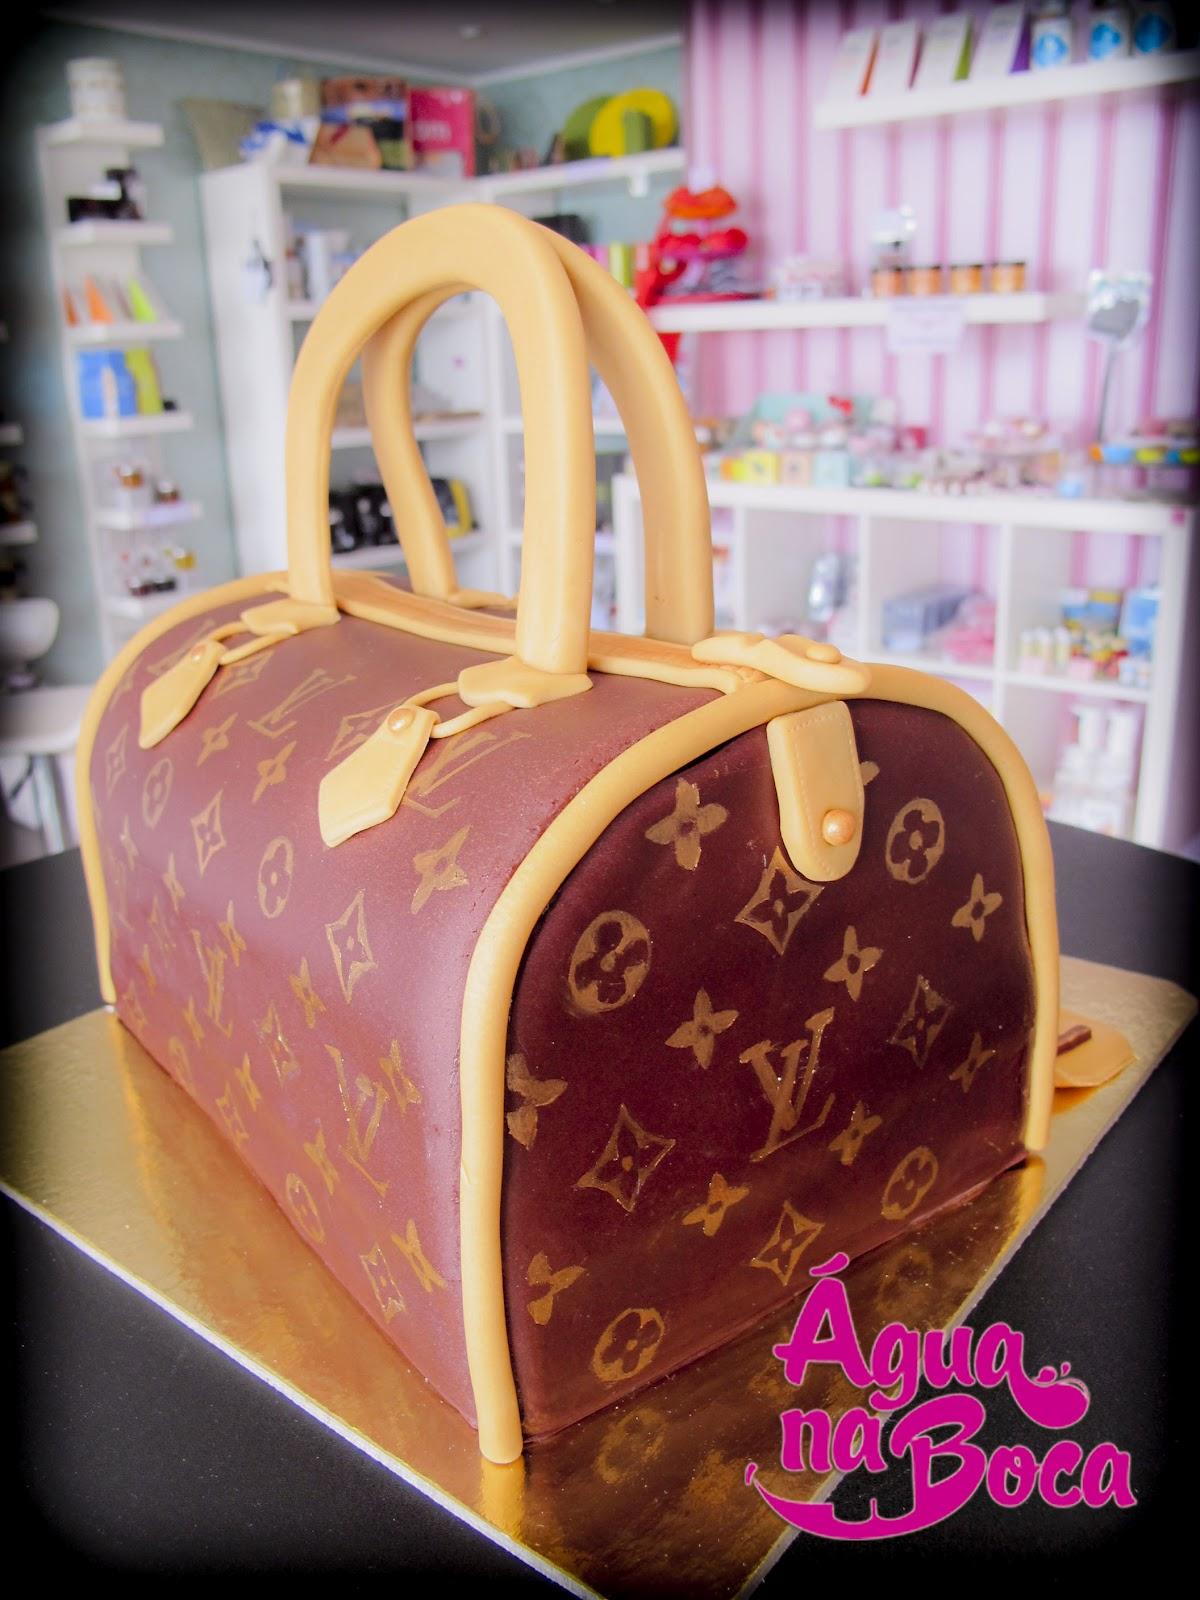 Cake Design Lisboa Encomendas : BOLO MALA LOUIS VUITTON agua na Boca - Cupcakes & Cake ...